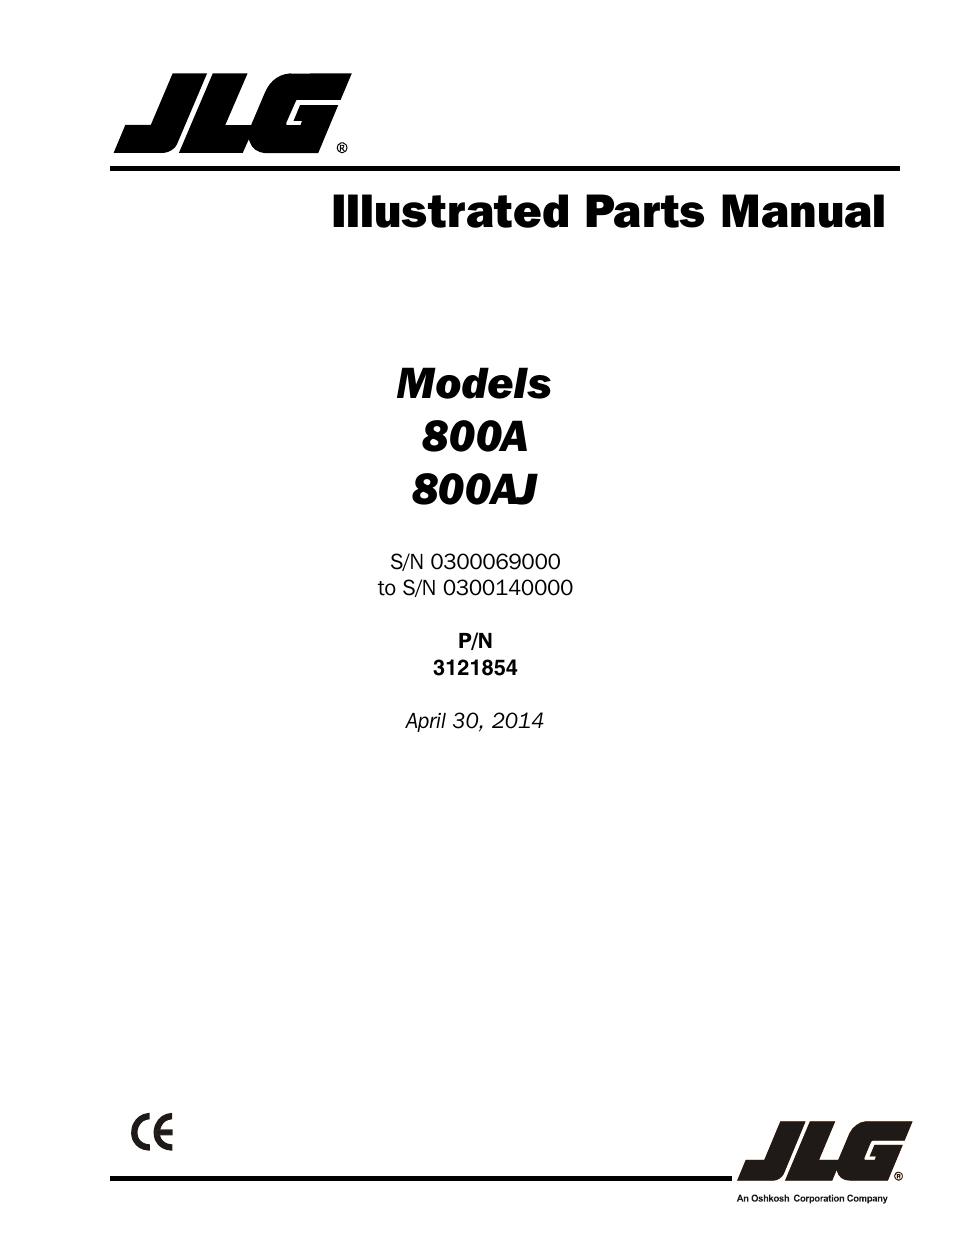 jlg boom lift service manual